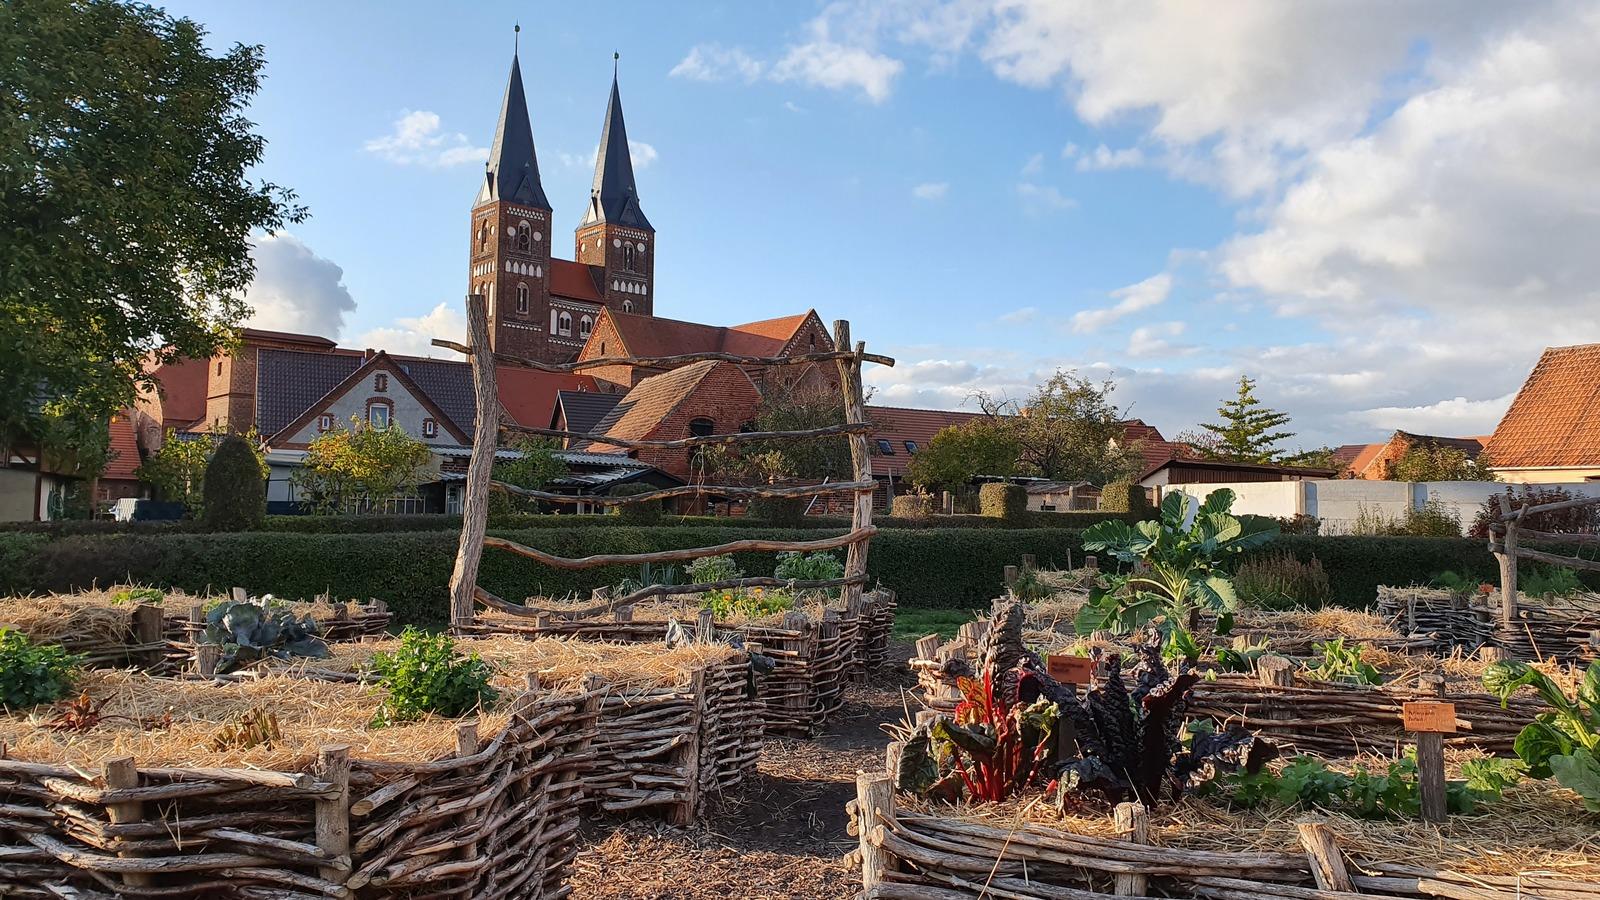 Klostergarten Kloster Jerichow, alte Gemüsesorten im Kloster, Romanische Kirchen in der Altmark